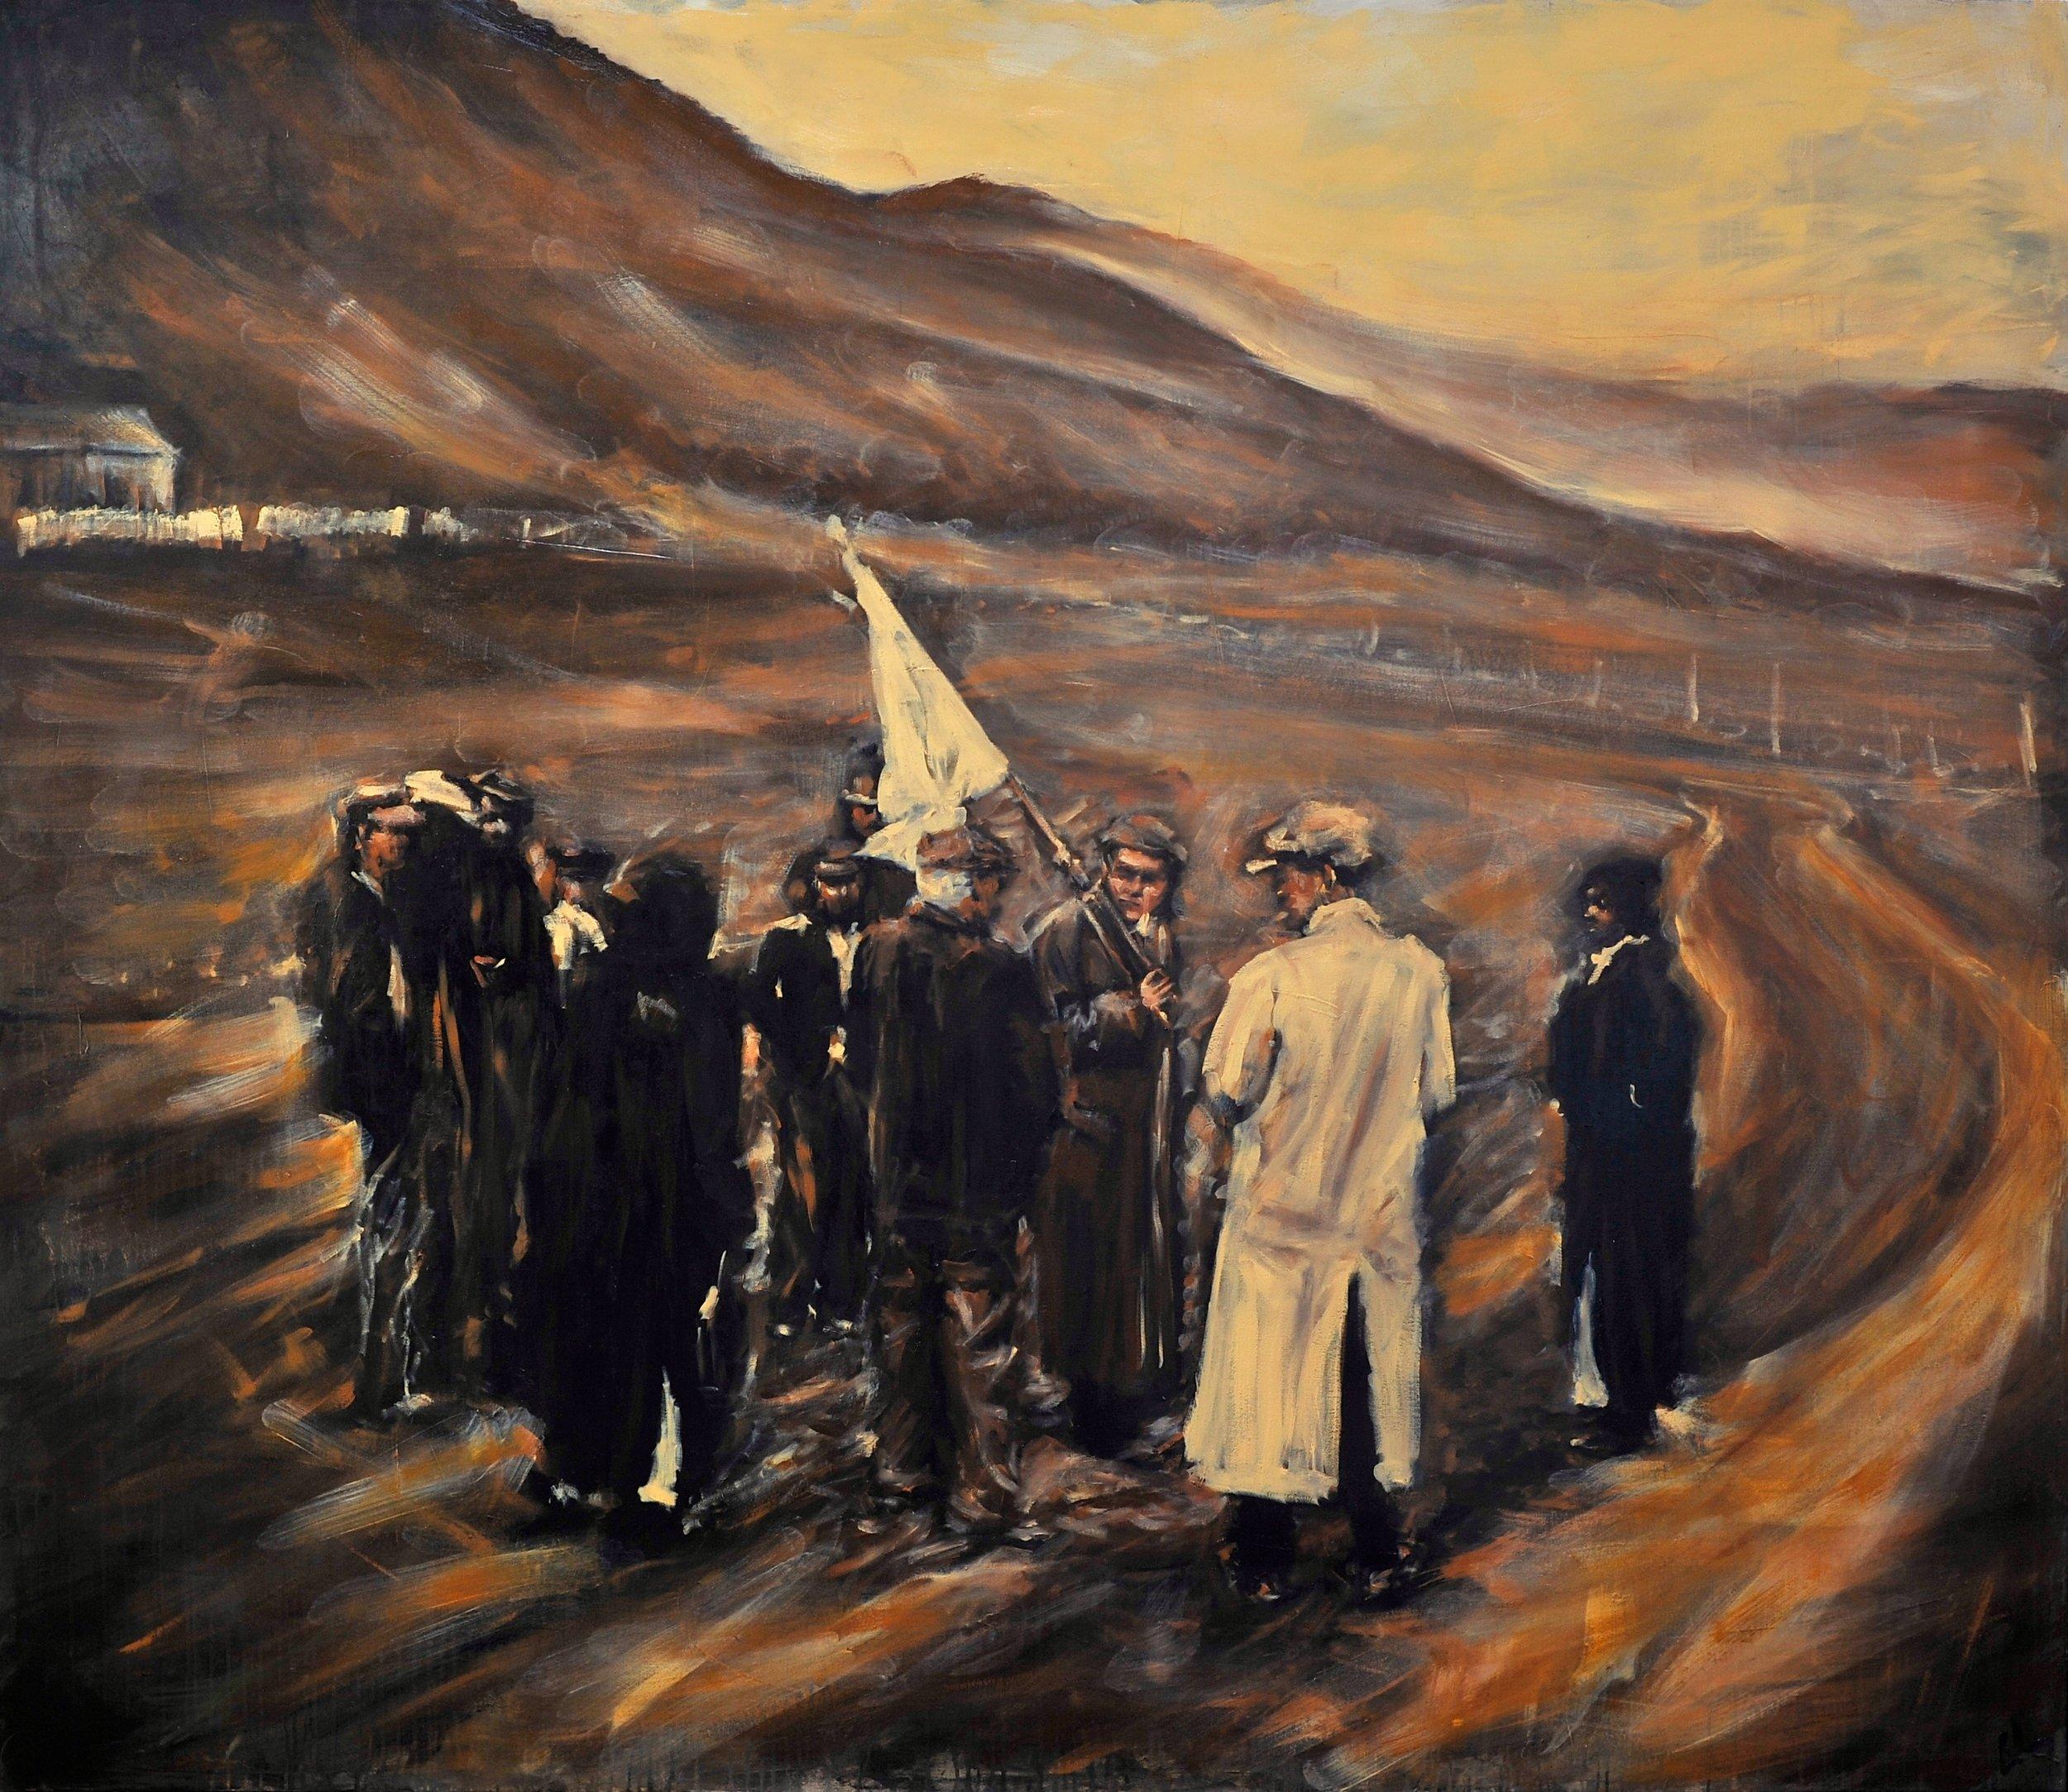 Raising the white flag for safe passage